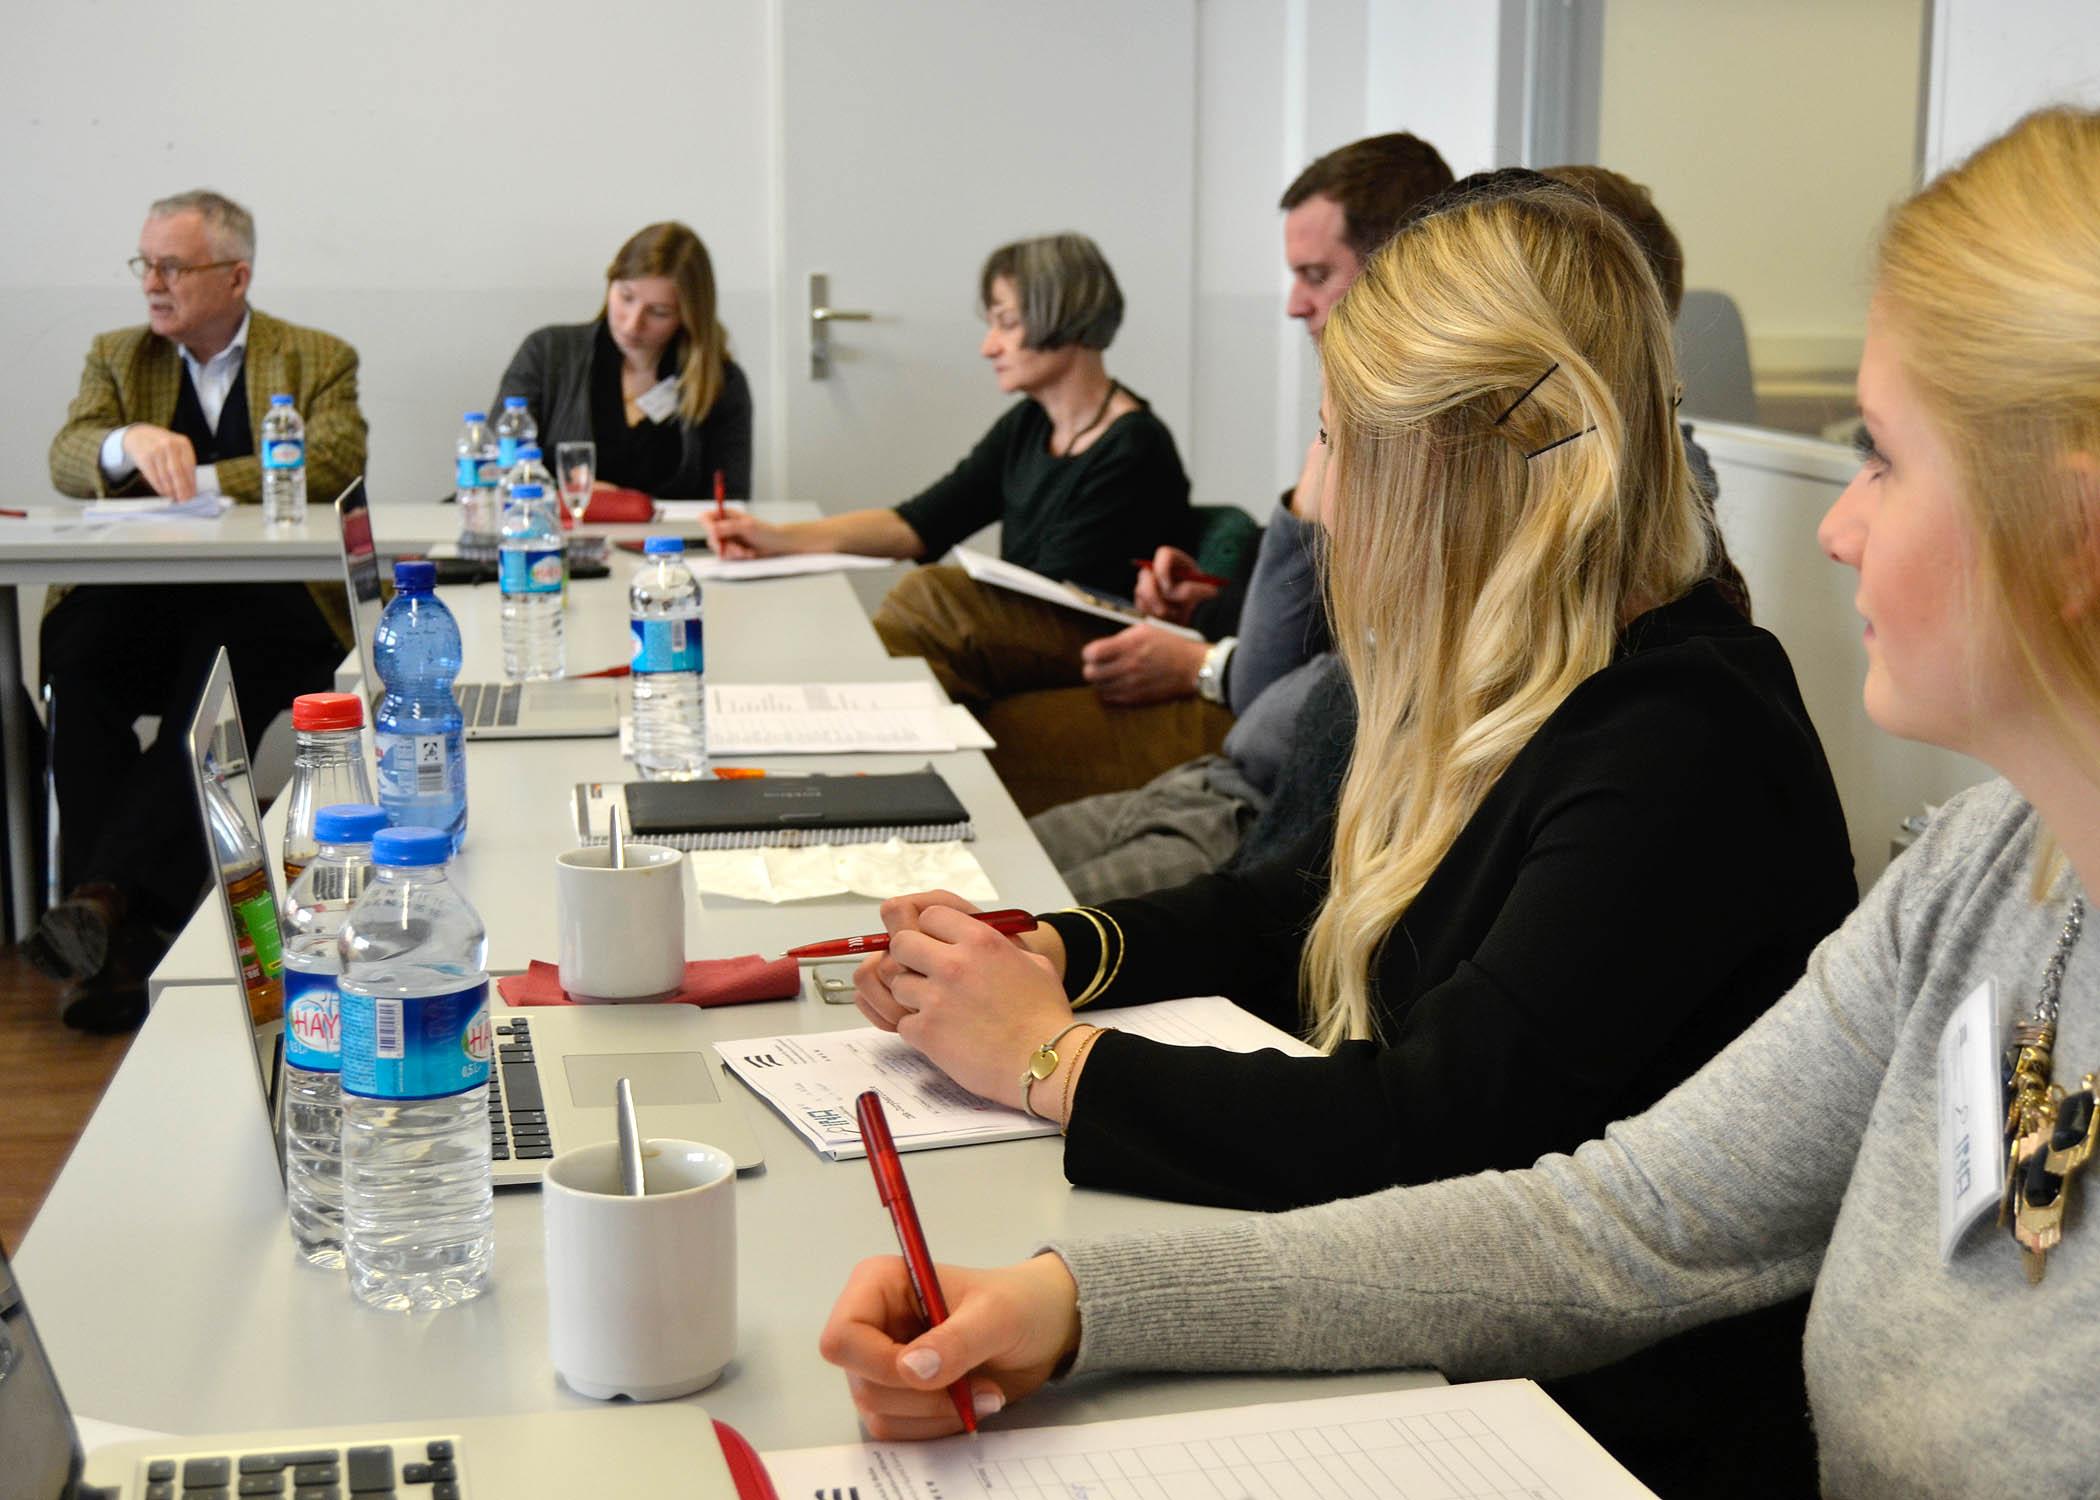 In der Runde wurden vierzig Themen diskutiert, über die durch studentische Rechercheteams Informationen zusammengetragen worden waren.